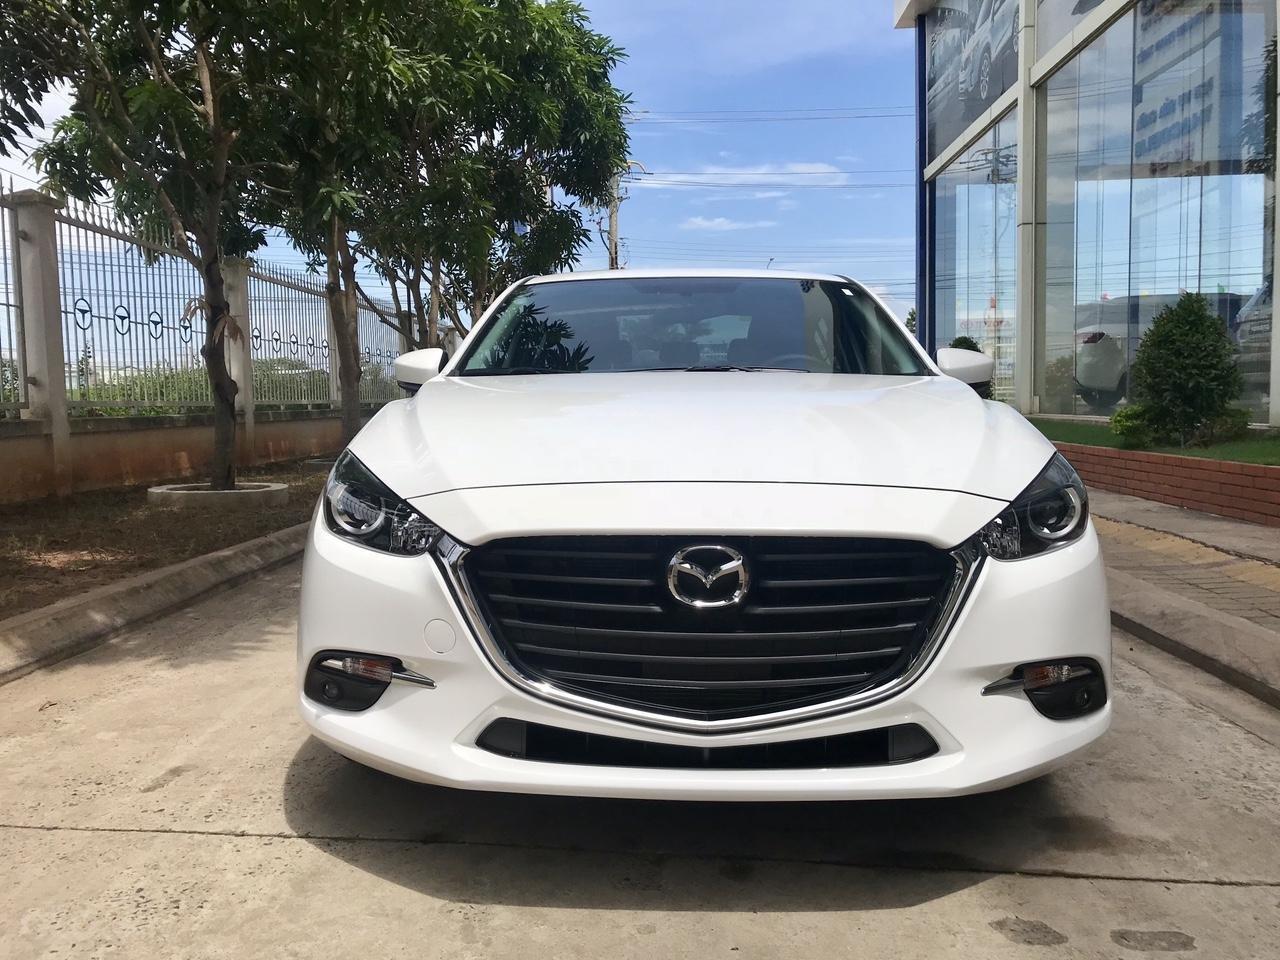 Bán xe Mazda 3 2019 ưu đãi tốt trong tháng LH: 0938 906 560 Mr. Giang (4)